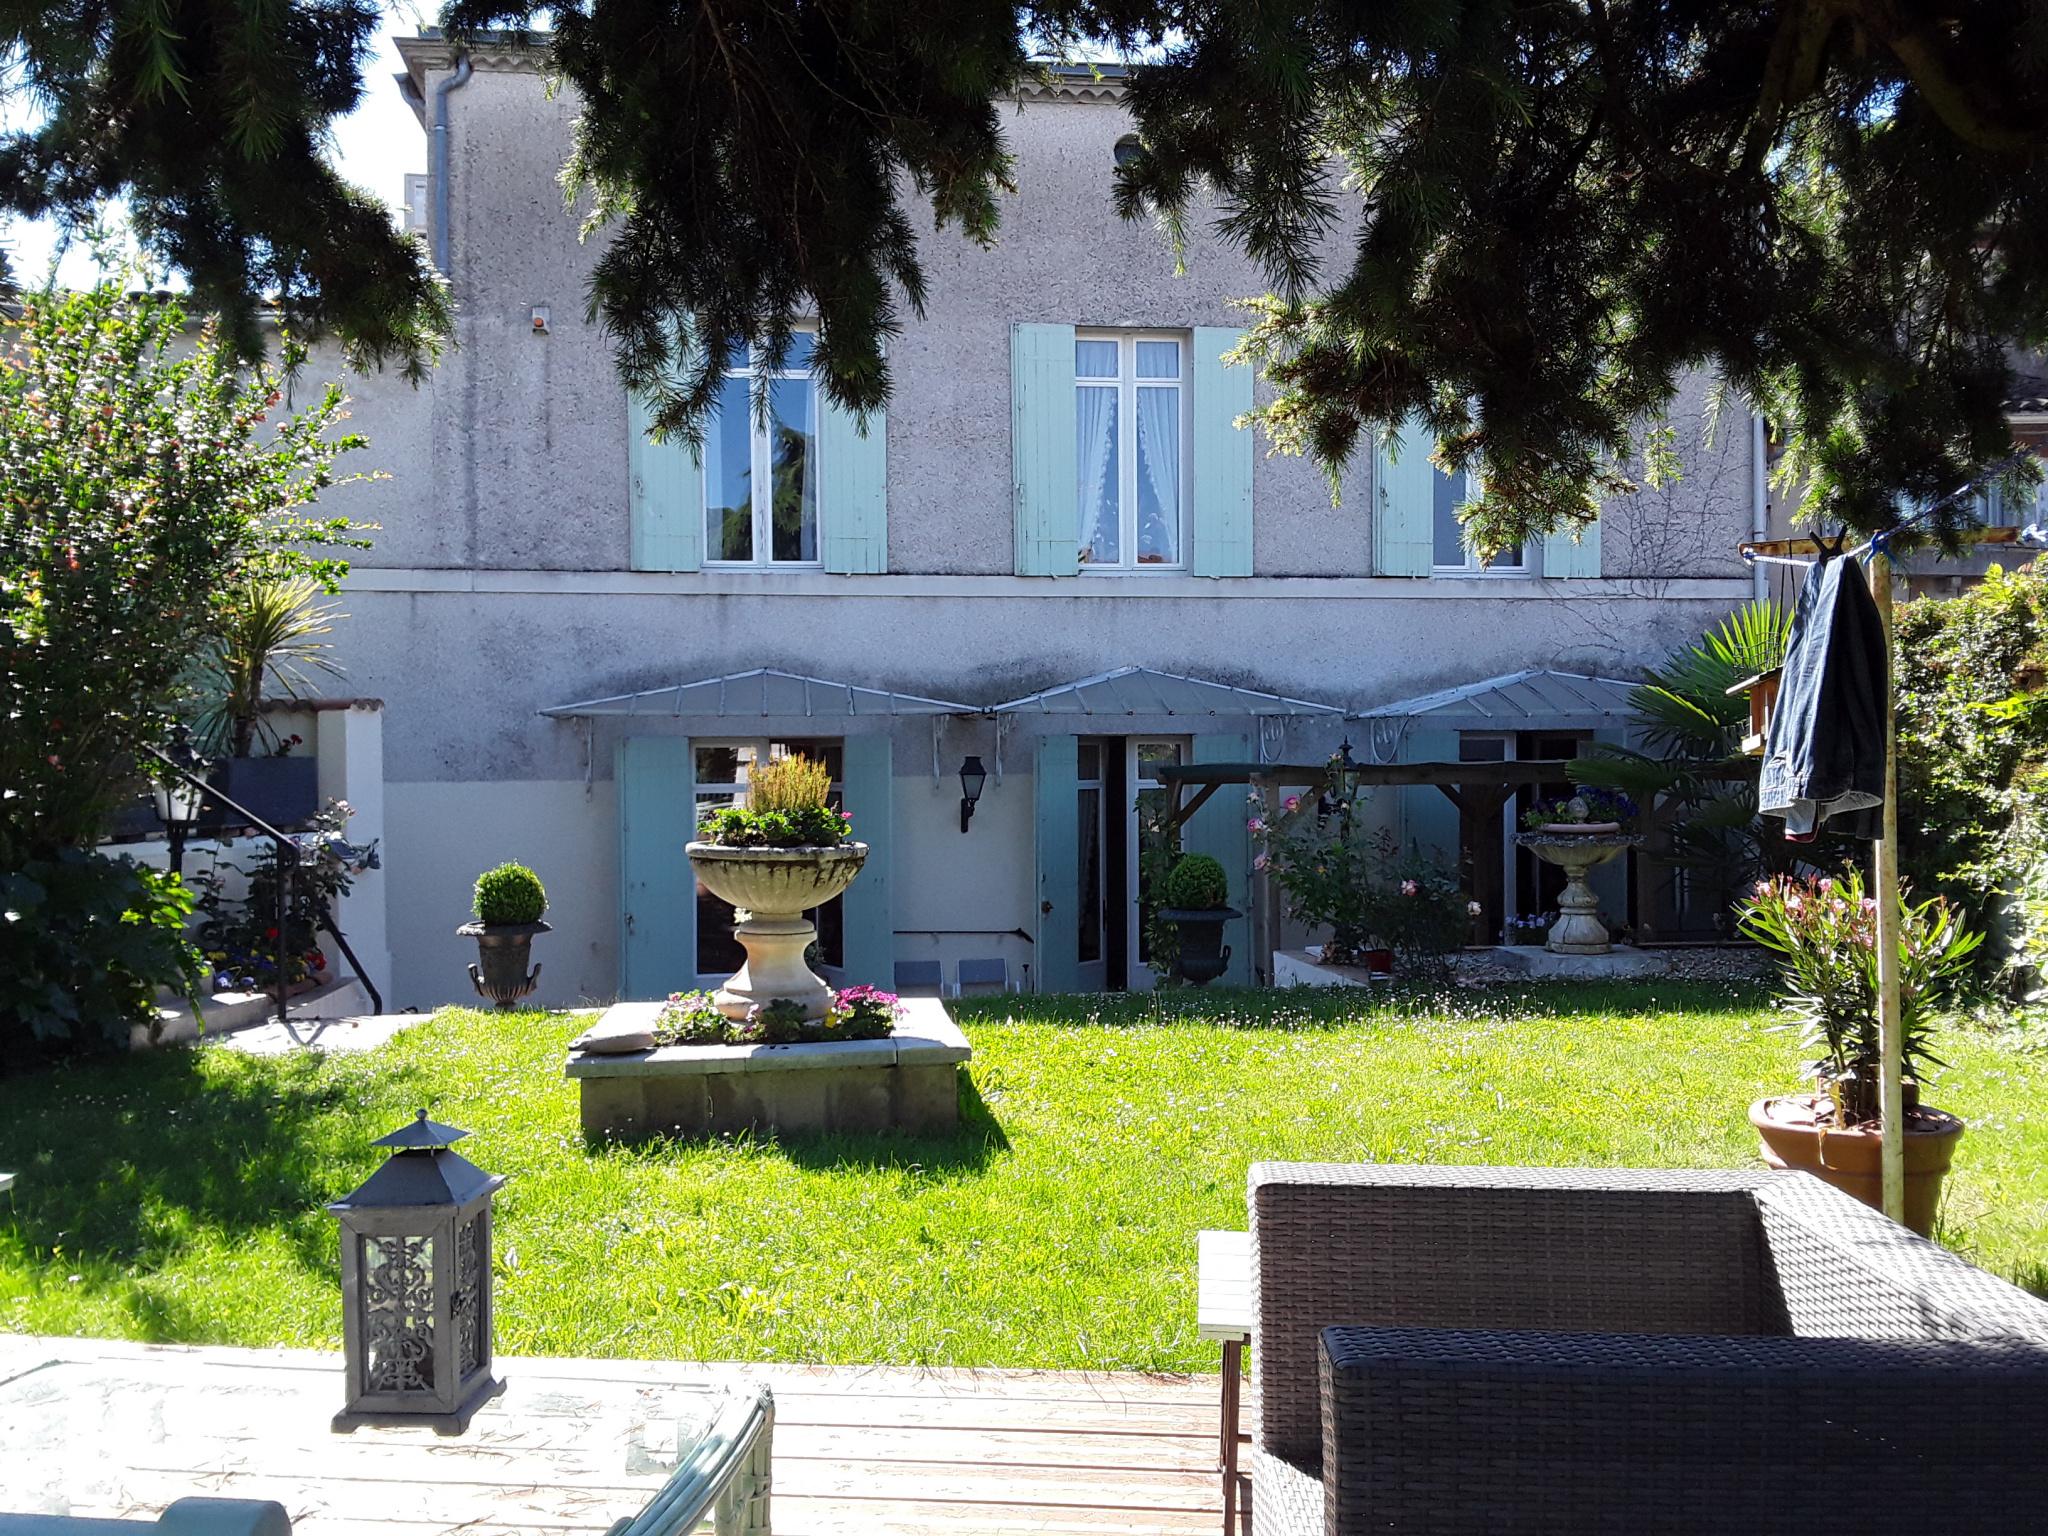 Vente Maison Bourgeoise Avec Garage Et Jardin Centre Ville